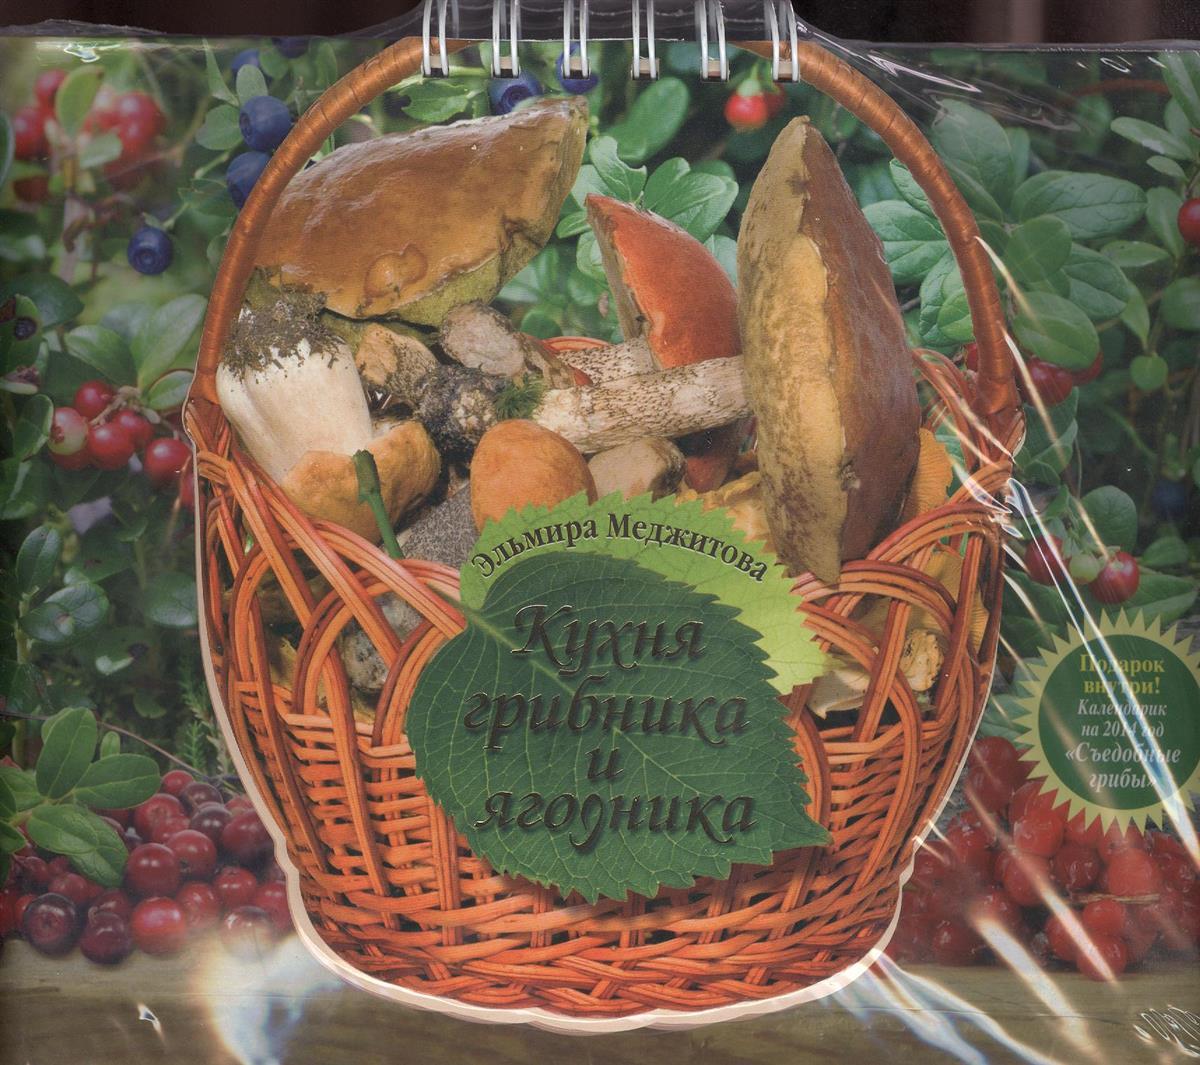 Фото - Меджитова Э. Кухня грибника и ягодника меджитова э вкус праздничной кухни